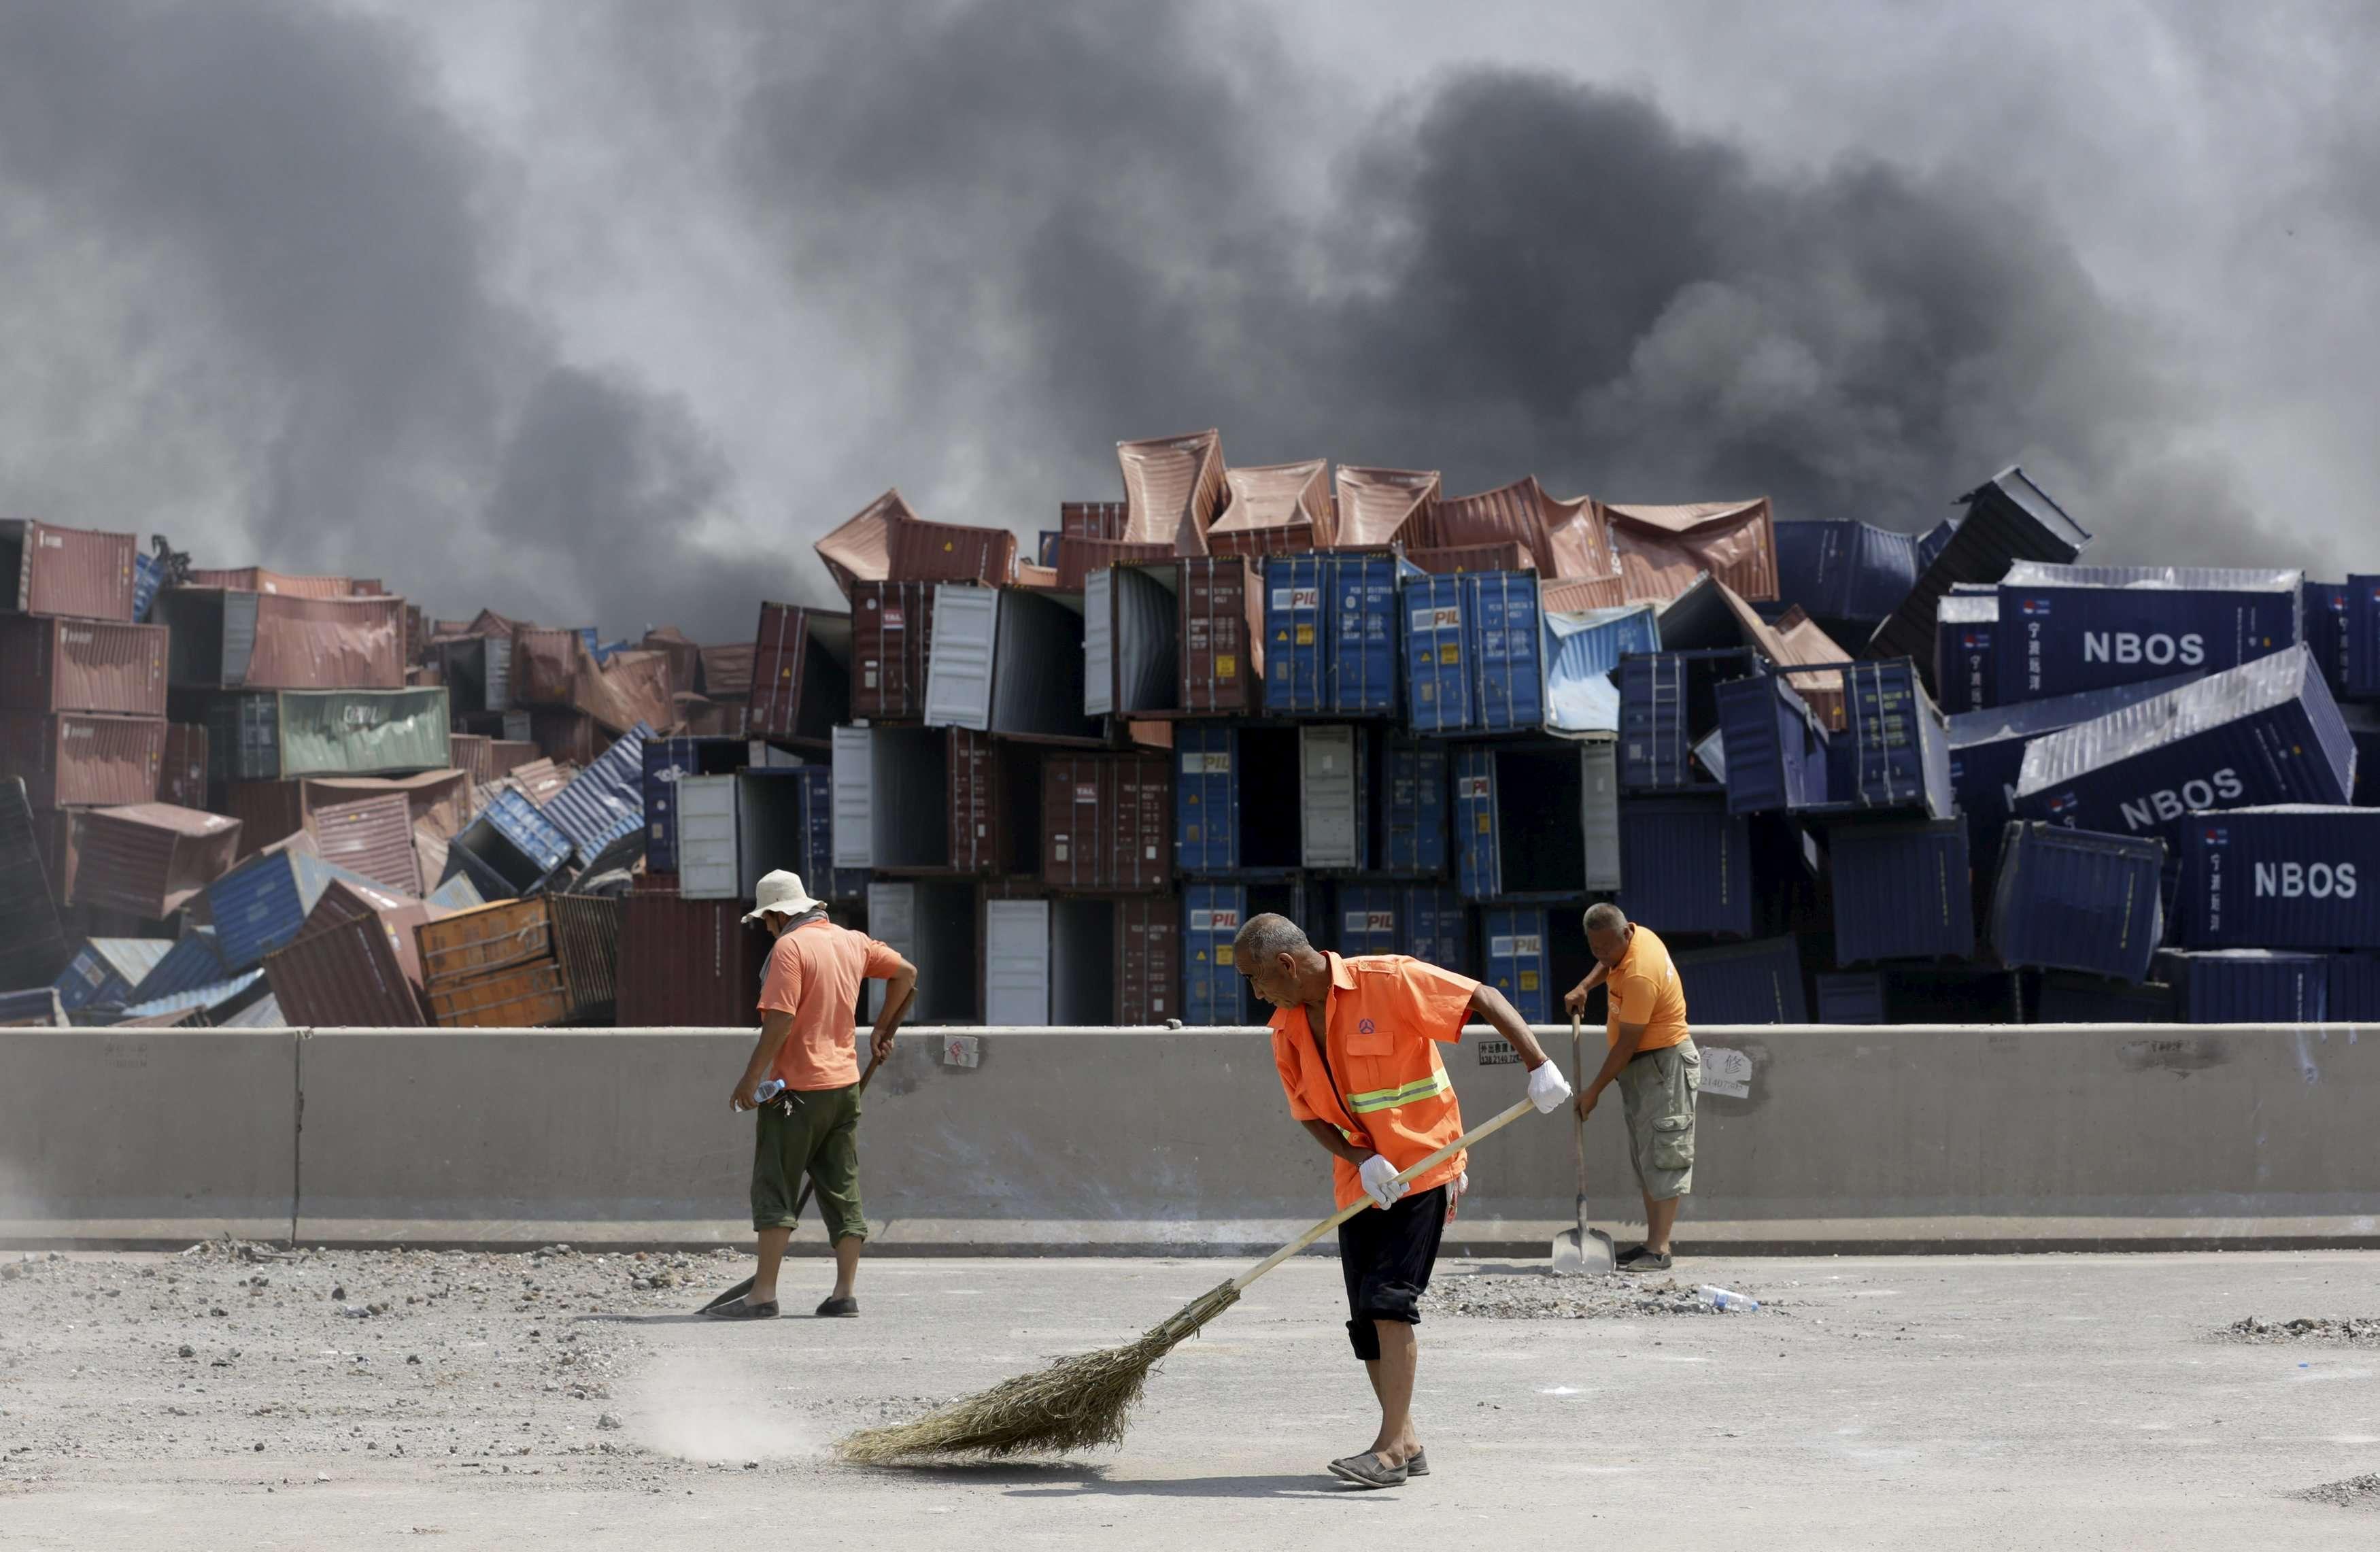 Le respect des normes de sécurité dans les complexes industriels reste problématique en Chine.